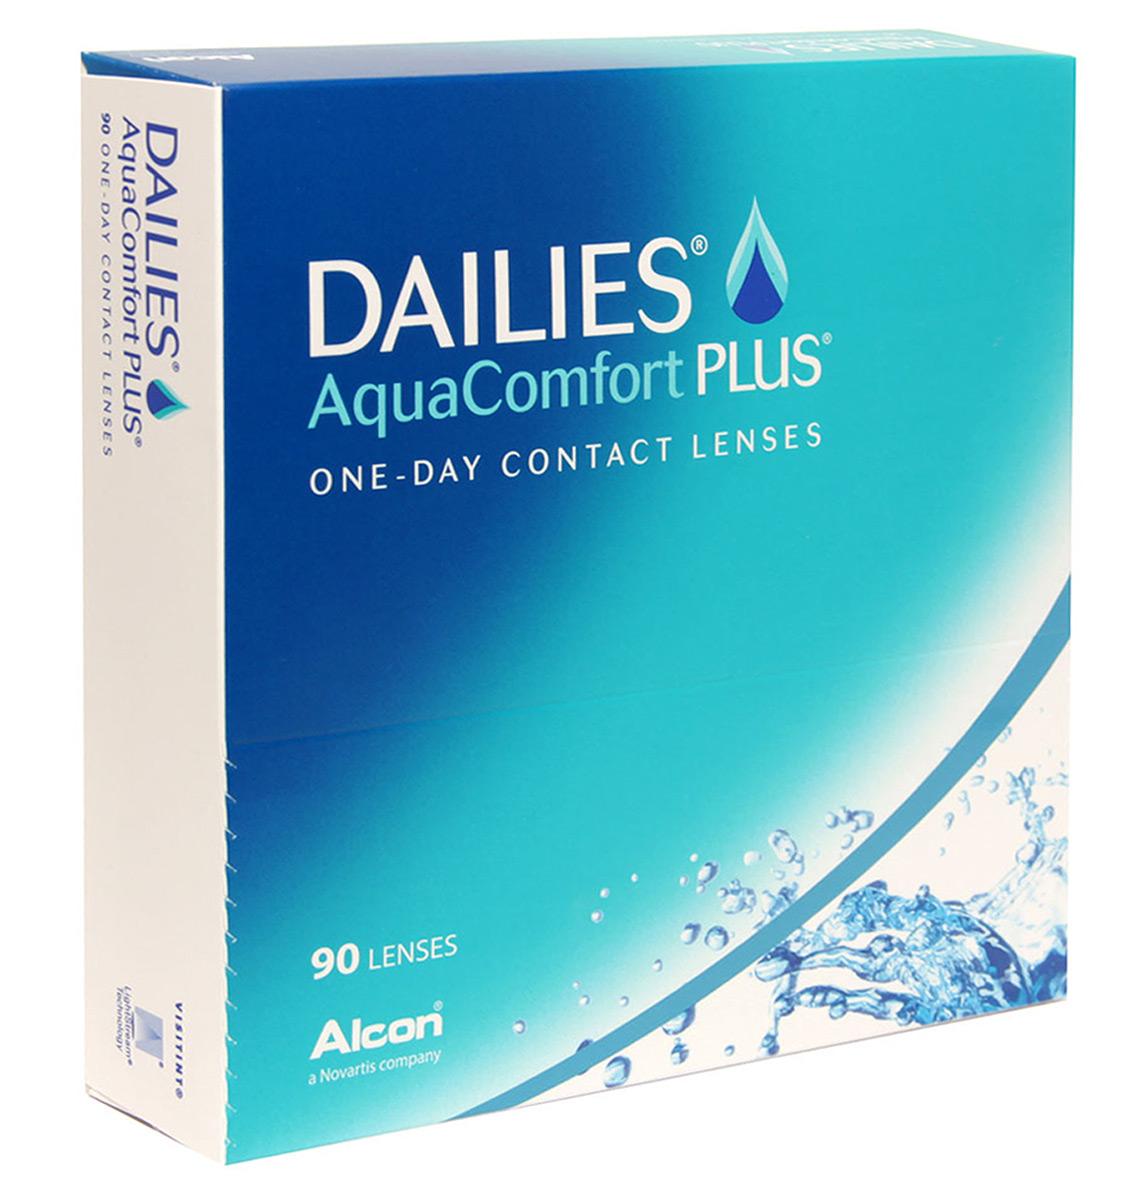 Alcon-CIBA Vision контактные линзы Dailies AquaComfort Plus (90шт / 8.7 / 14.0 / +3.75)38356Dailies Aqua Comfort Plus (90 блистеров) – это одни из самых популярных однодневных линз производства компании CIBA VISION. Эти линзы пользуются огромной популярностью во всем мире и являются на сегодняшний день самыми безопасными контактными линзами. Изготавливаются линзы из современного, 100% безопасного материала нелфилкон А. Особенность этого материала в том, что он легко пропускает воздух и хорошо сохраняет влагу. Однодневные контактные линзы Dailies Aqua Comfort Plus не нуждаются в дополнительном уходе и затратах, каждый день вы надеваете свежую пару линз. Дизайн линзы биосовместимый, что гарантирует безупречный комфорт. Самое главное достоинство Dailies Aqua Comfort Plus – это их уникальная система увлажнения. Благодаря этой разработке линзы увлажняются тремя различными агентами. Первый компонент, ухаживающий за линзами, находится в растворе, он как бы обволакивает линзу, обеспечивая чрезвычайно комфортное надевание. Второй агент выделяется на протяжении всего дня, он...